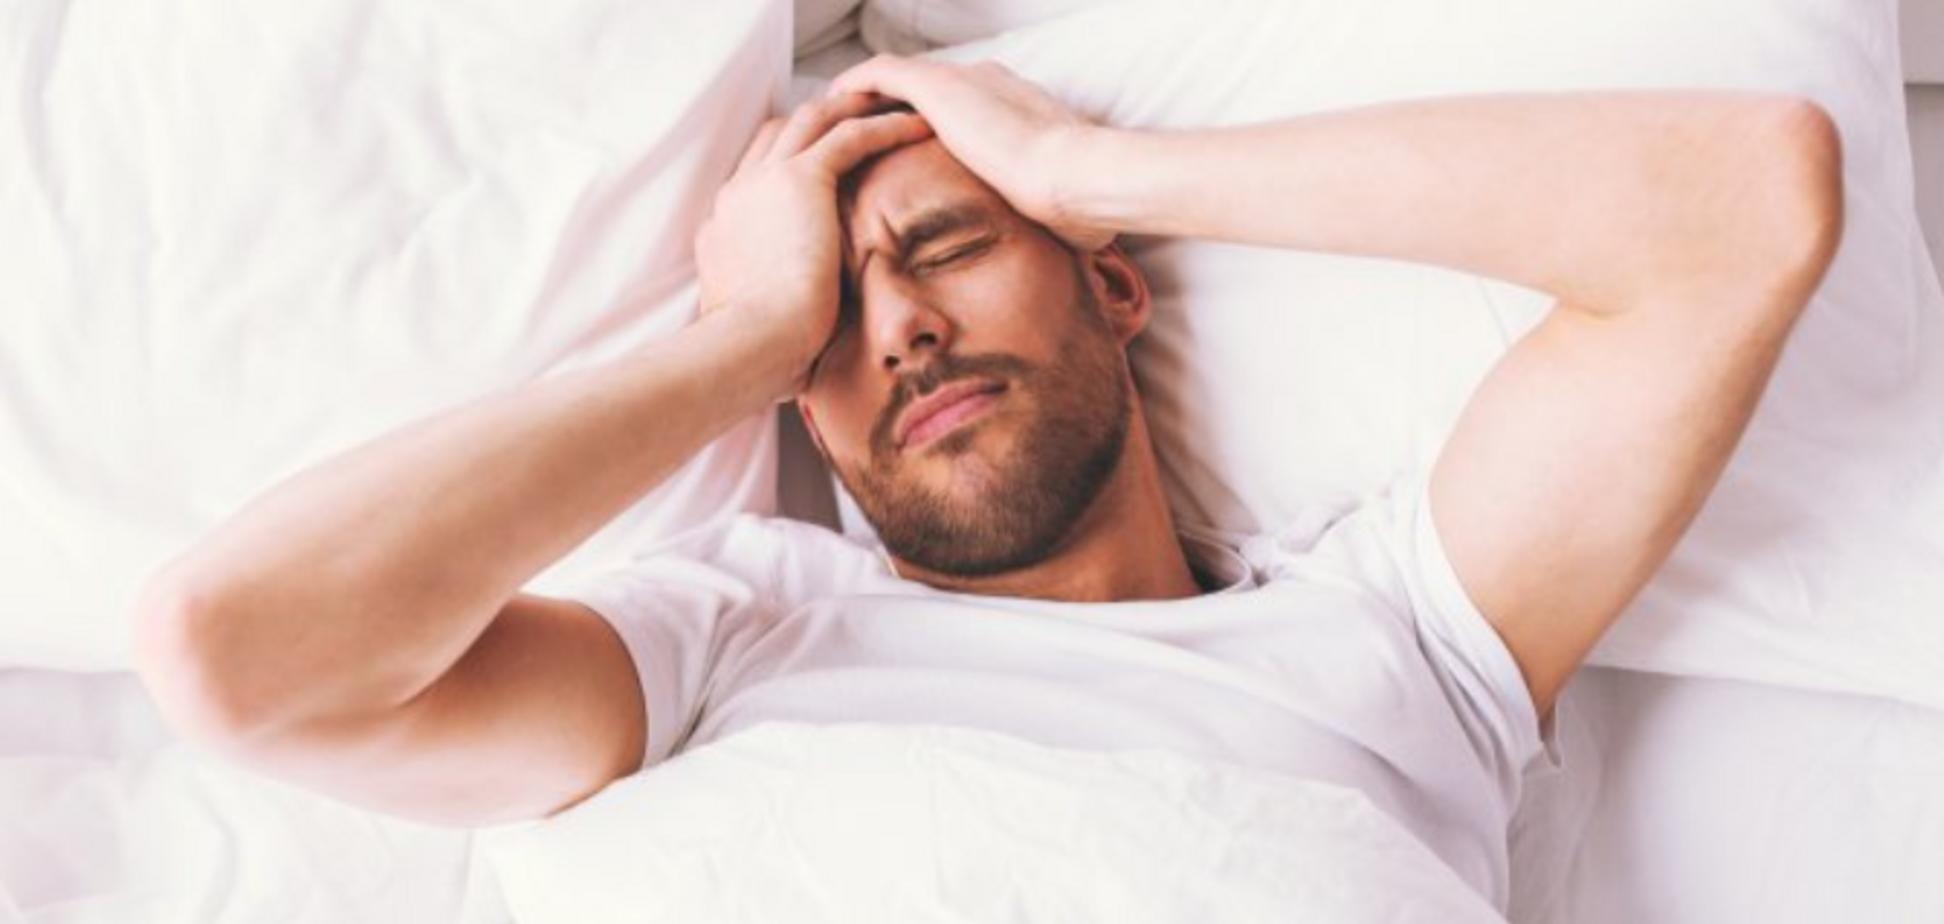 Убивает: ученые доказали серьезную опасность долгого сна